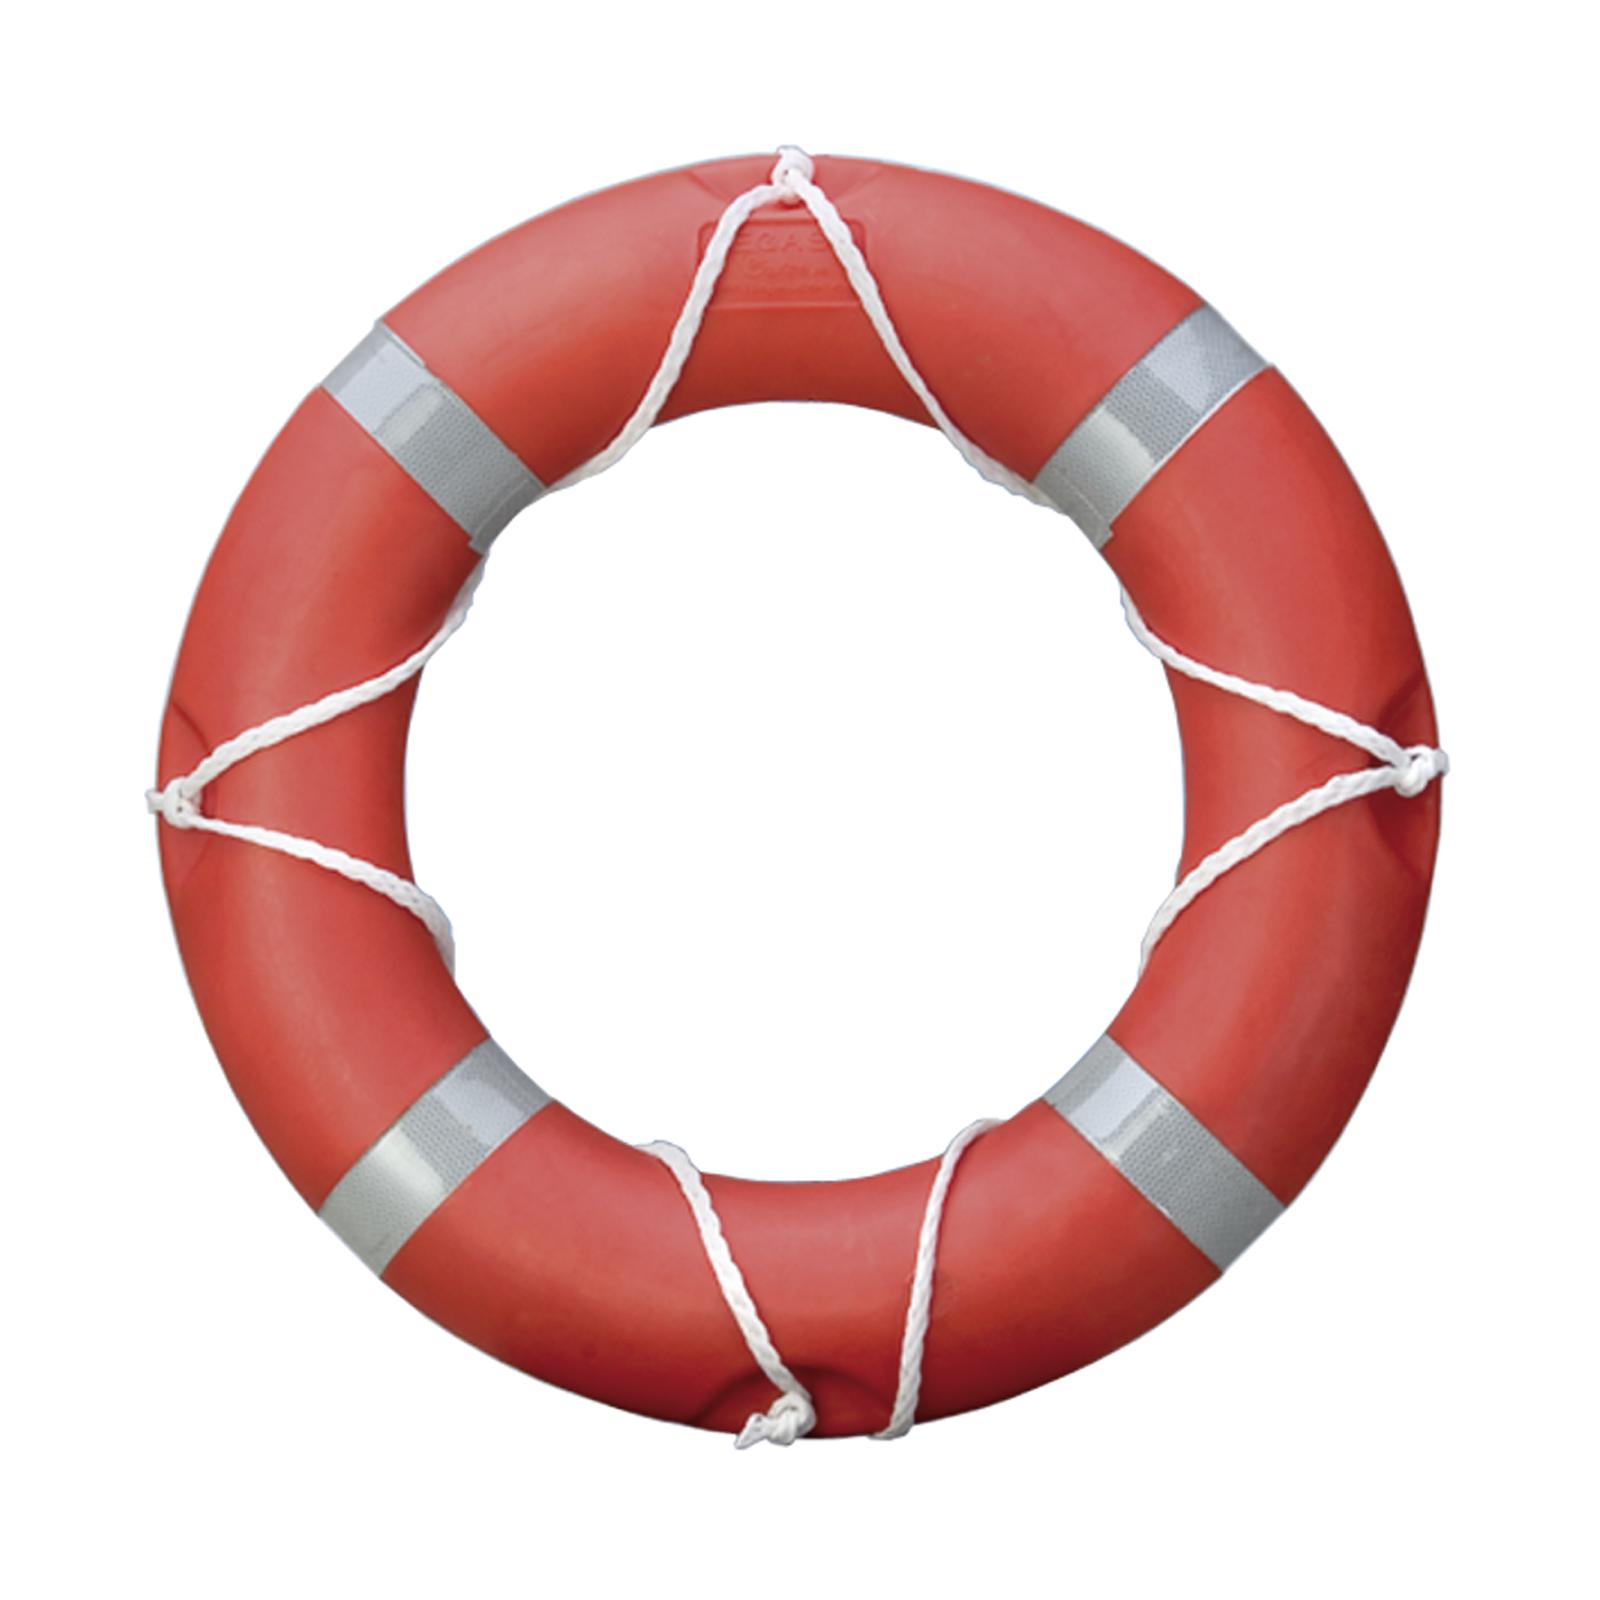 Équipements de sauvetage